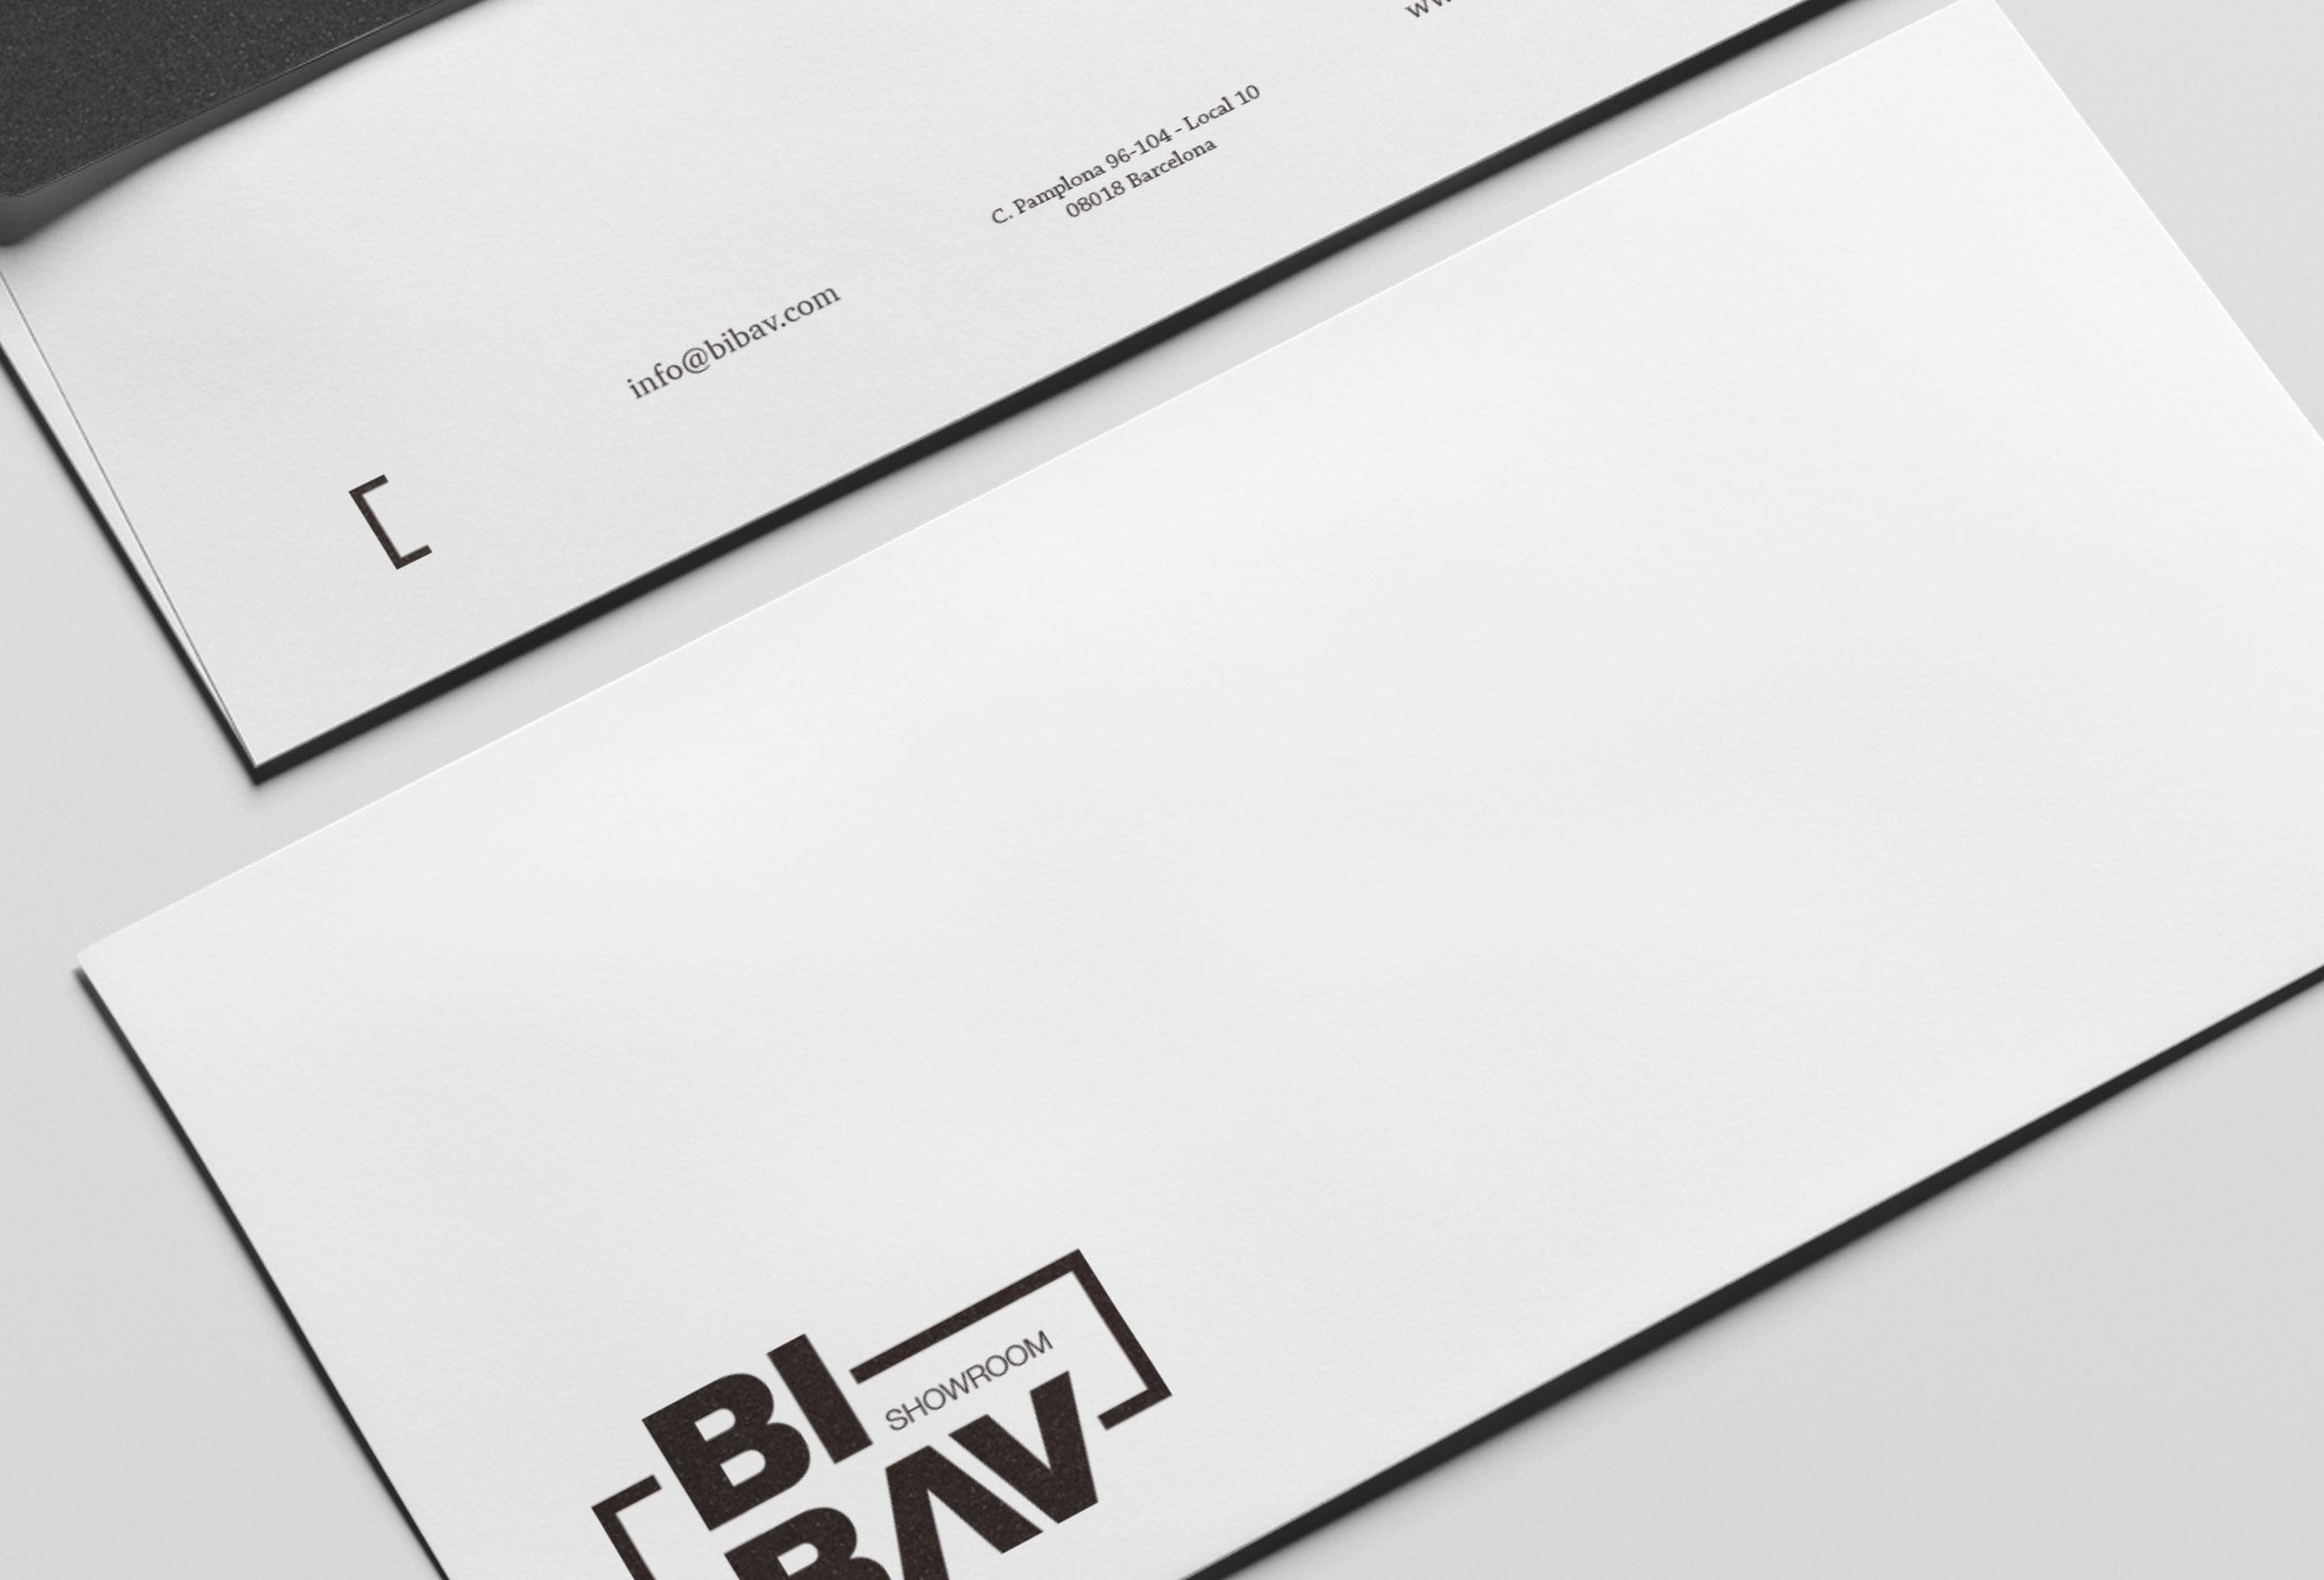 7b_design_graphic_identity_corporate